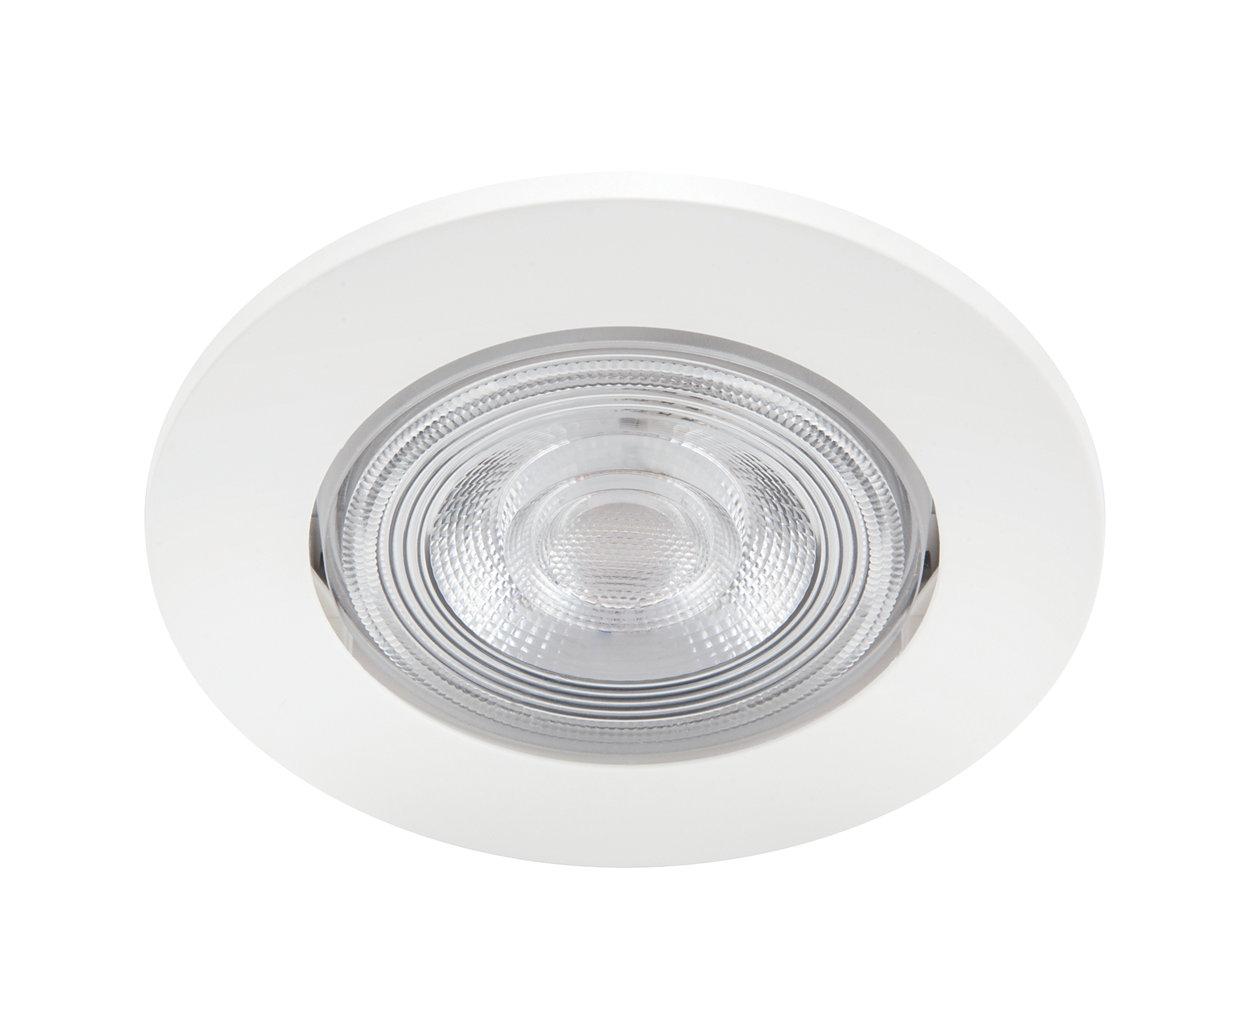 Luce LED confortevole pensata per i tuoi occhi